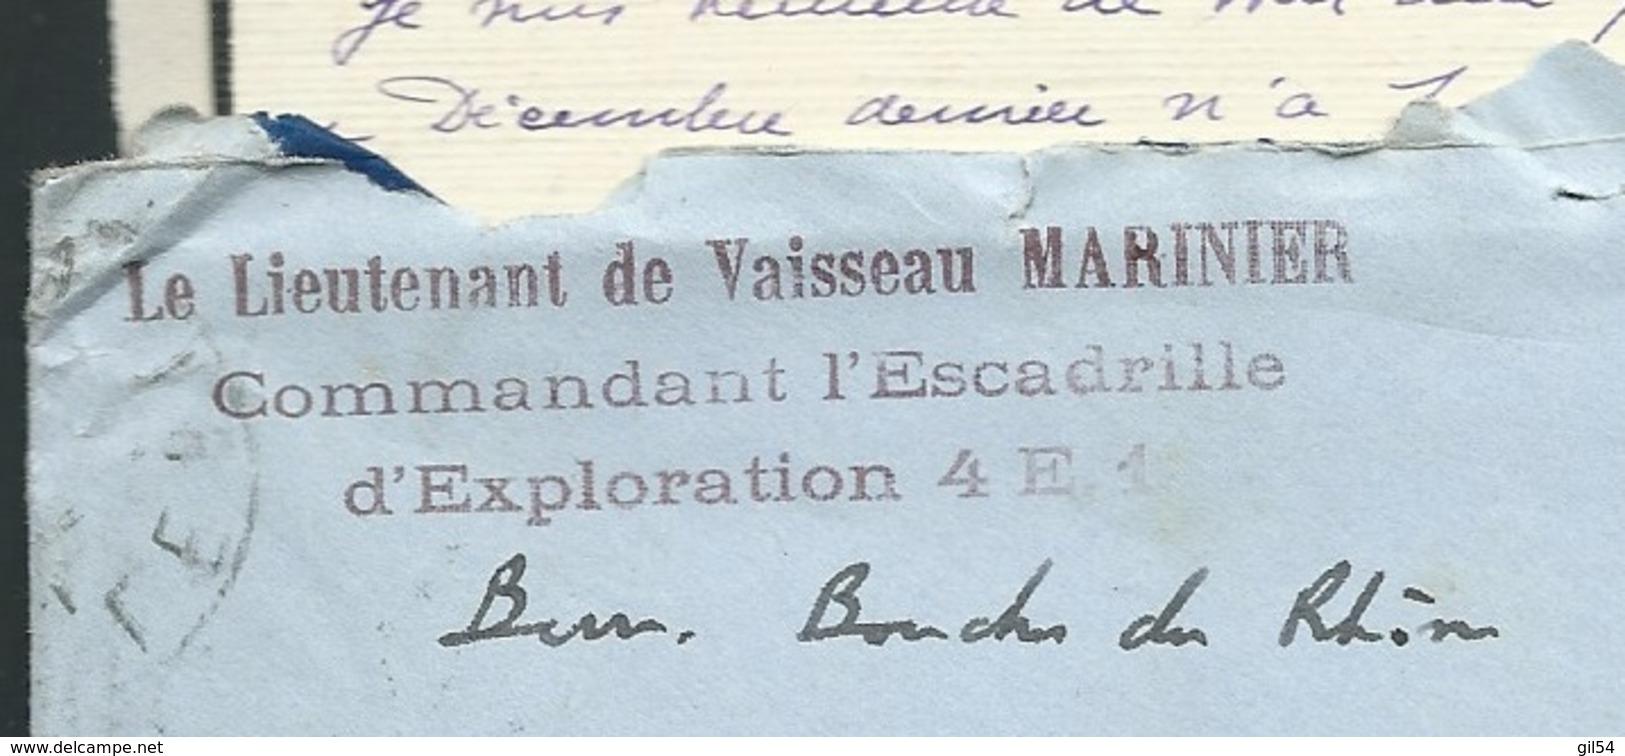 Lot De 2 Lacs Envoi Du Lieut De Vaisseau Du Commandant D'escadrille 4 E1 ( Aéronavalle ) En Juillet 1931 Lx35 - Marcophilie (Lettres)